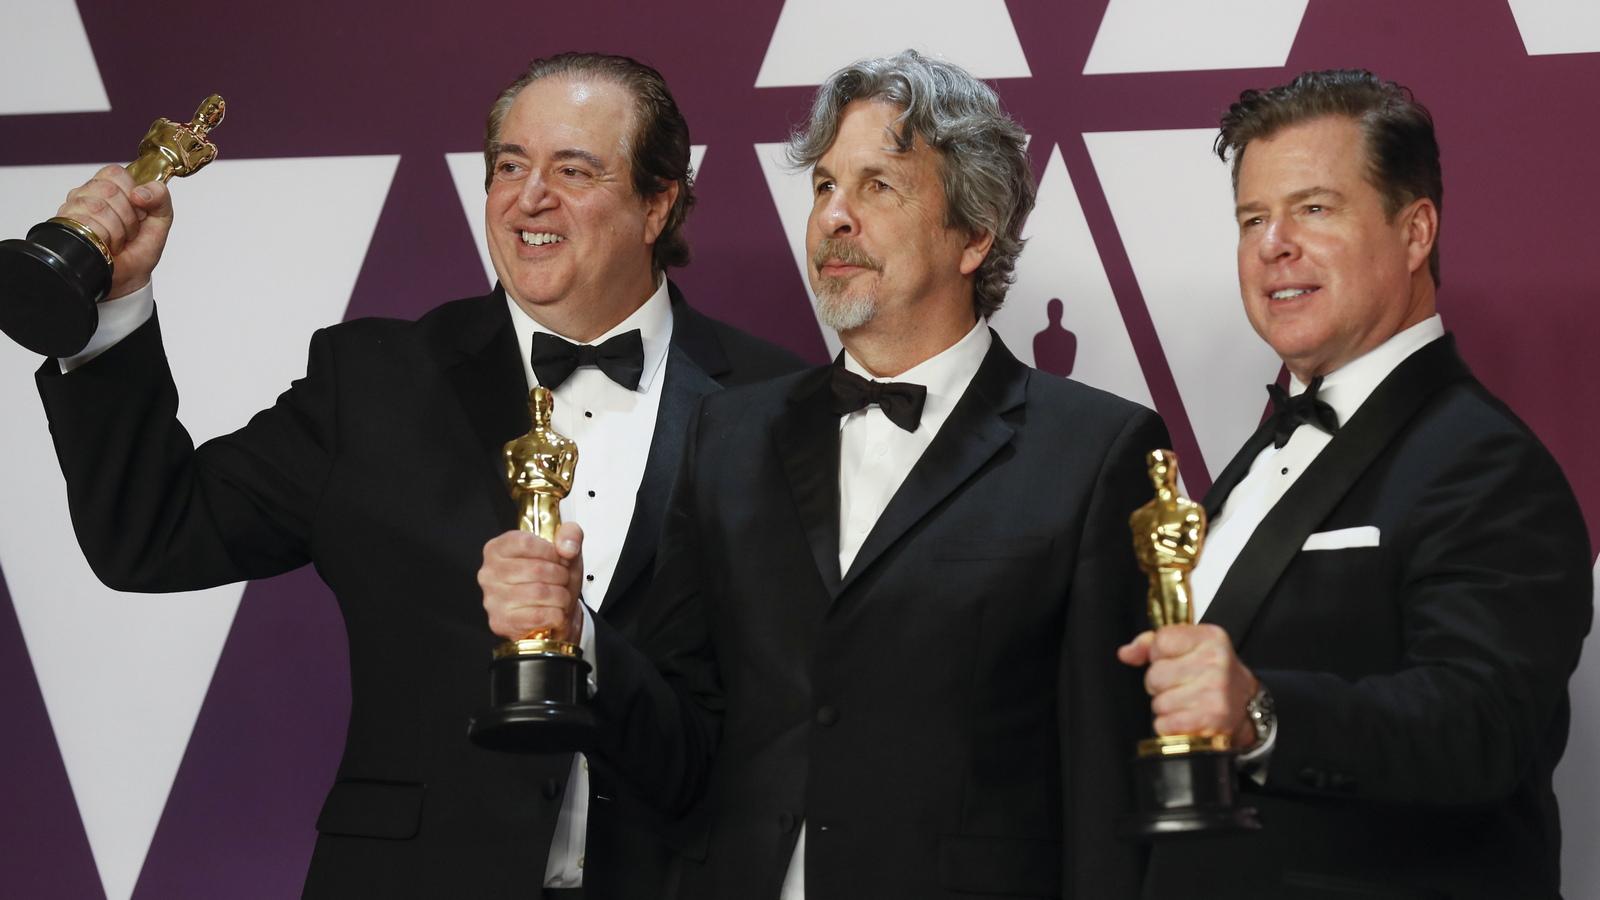 """За най-добър оригинален сценарий бе отличен Ник Валалонга, Брайън Къри и Питър Фарели за филма """"Зелената книга"""""""